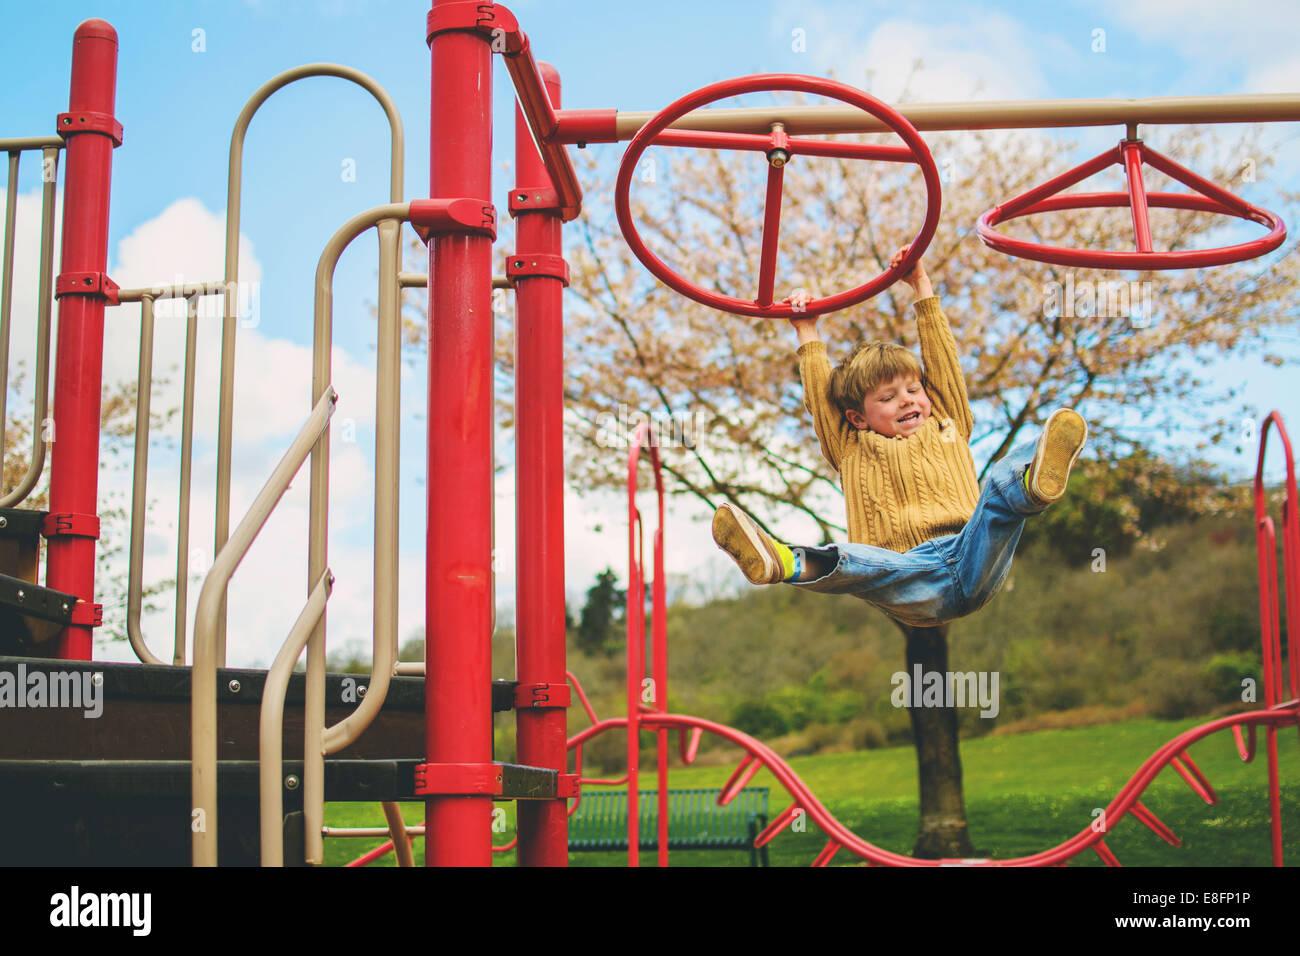 Junge (4-5) hängen vom Spielplatz, Klettergerüst und lachen Stockbild